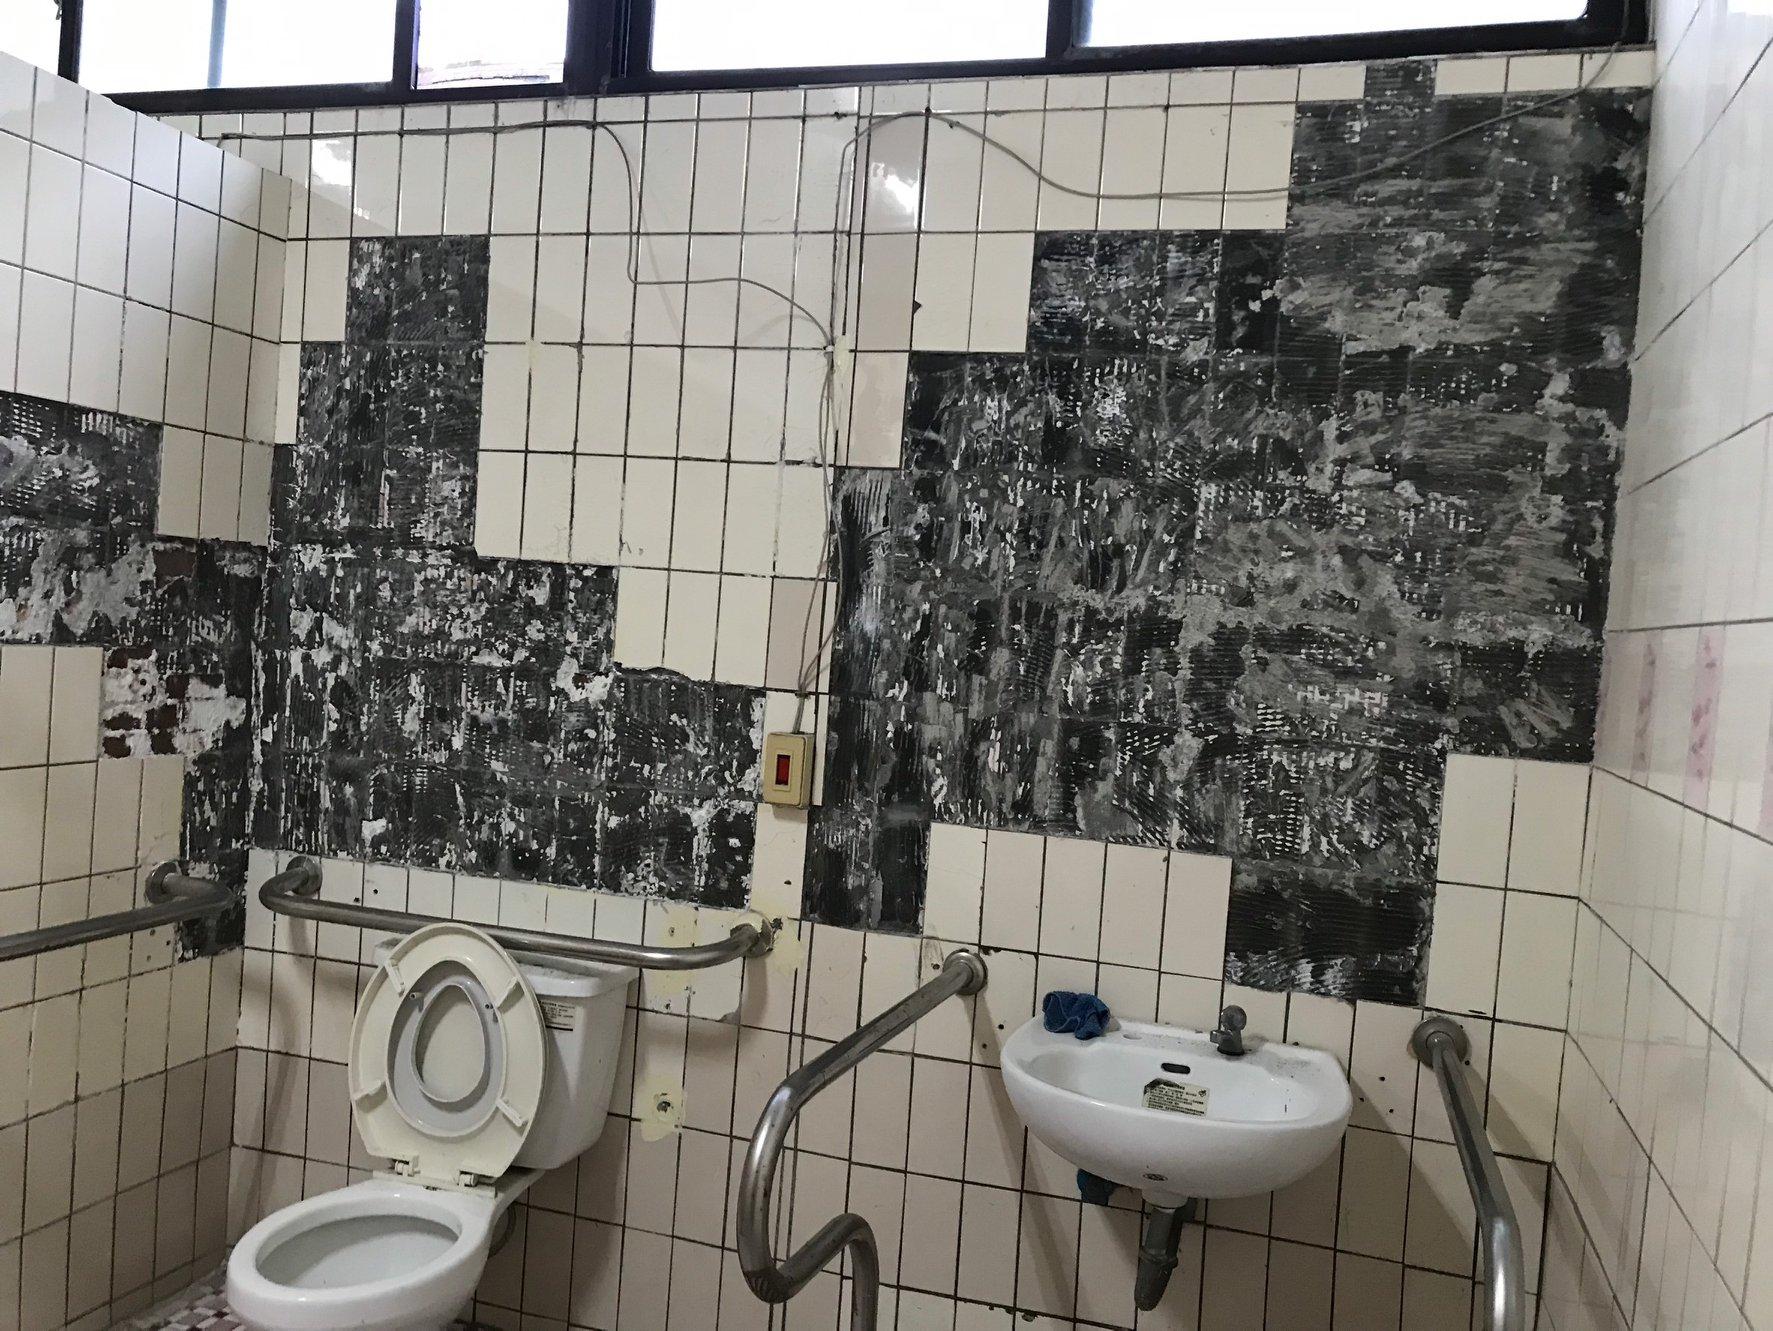 建國國小廁所老舊,磁磚剝落問題嚴重,且異味難聞,讓孩子們寧願憋尿回家,不敢上學校廁所。